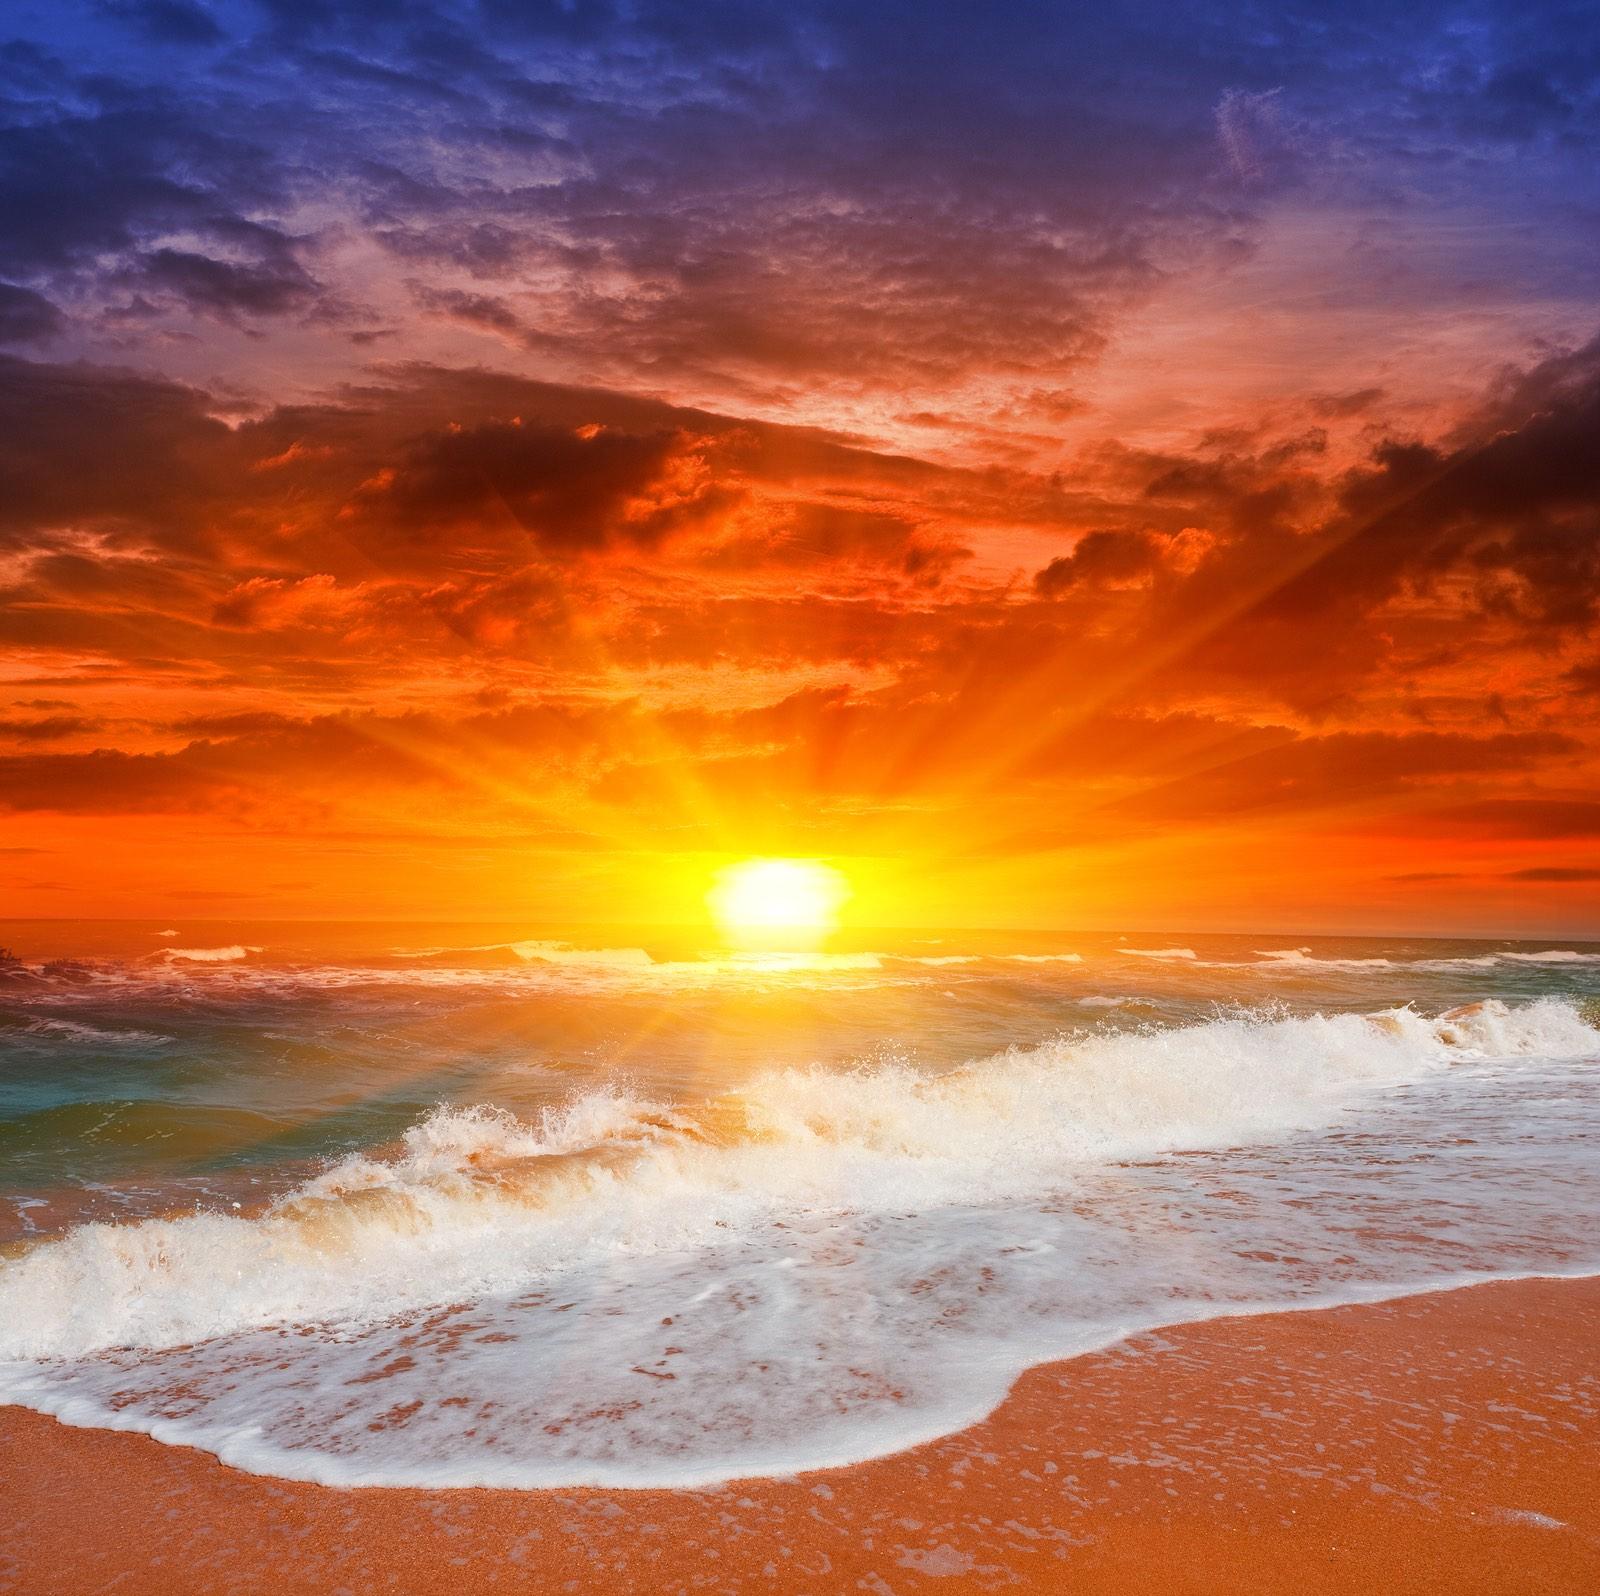 Evening Ocean Sunset